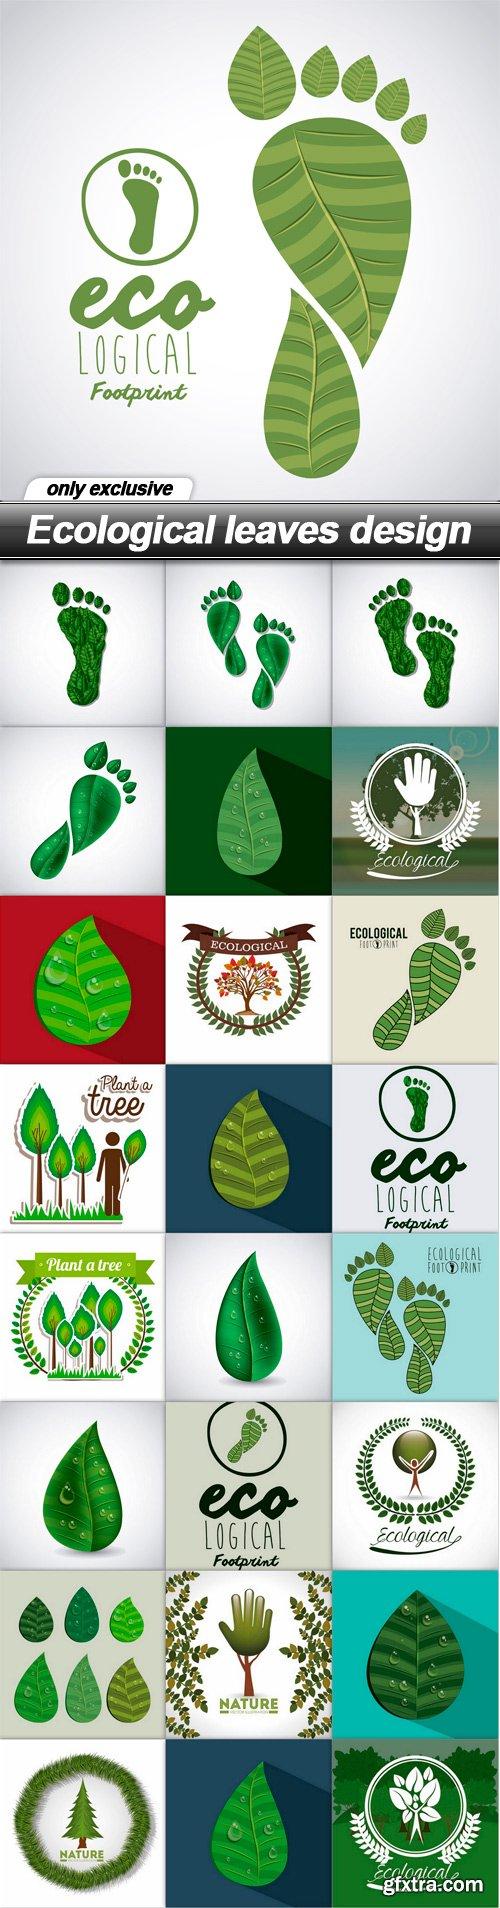 Ecological leaves design - 25 EPS